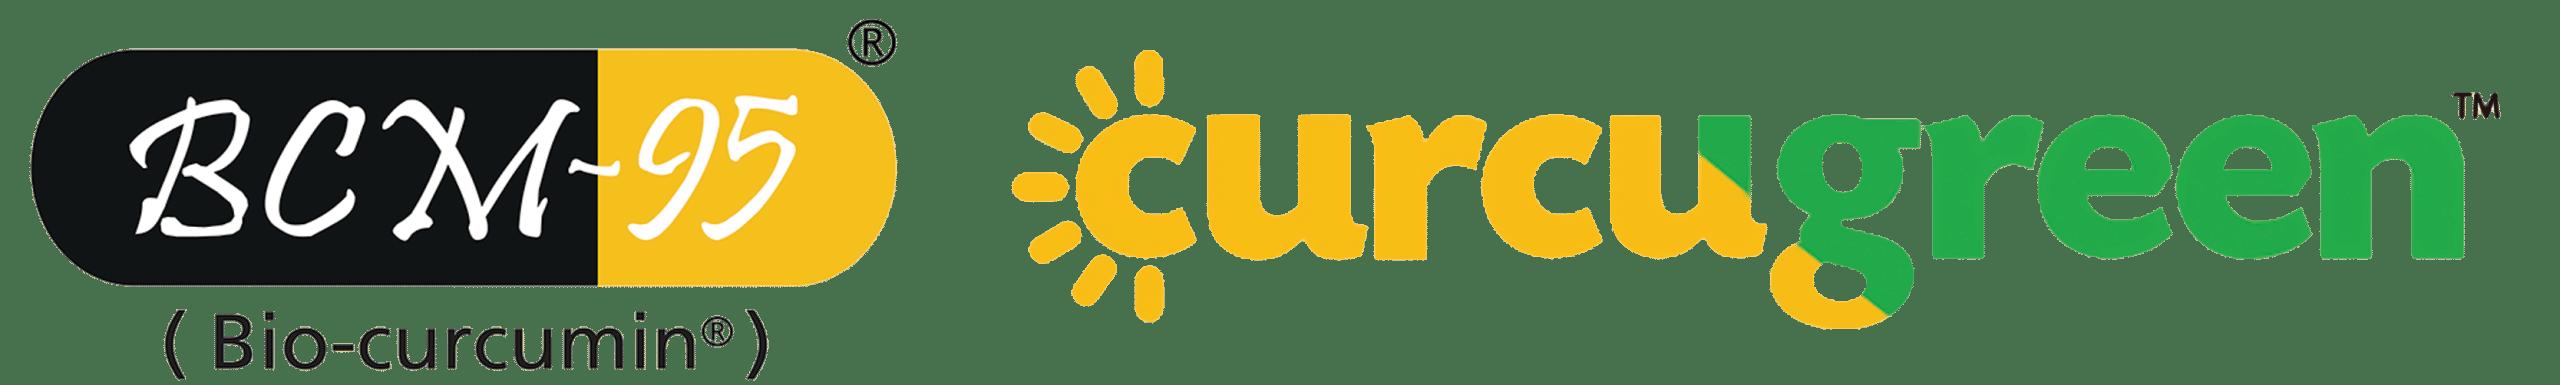 BCM-95 Curcugreen curcumine Nutrixeal Info